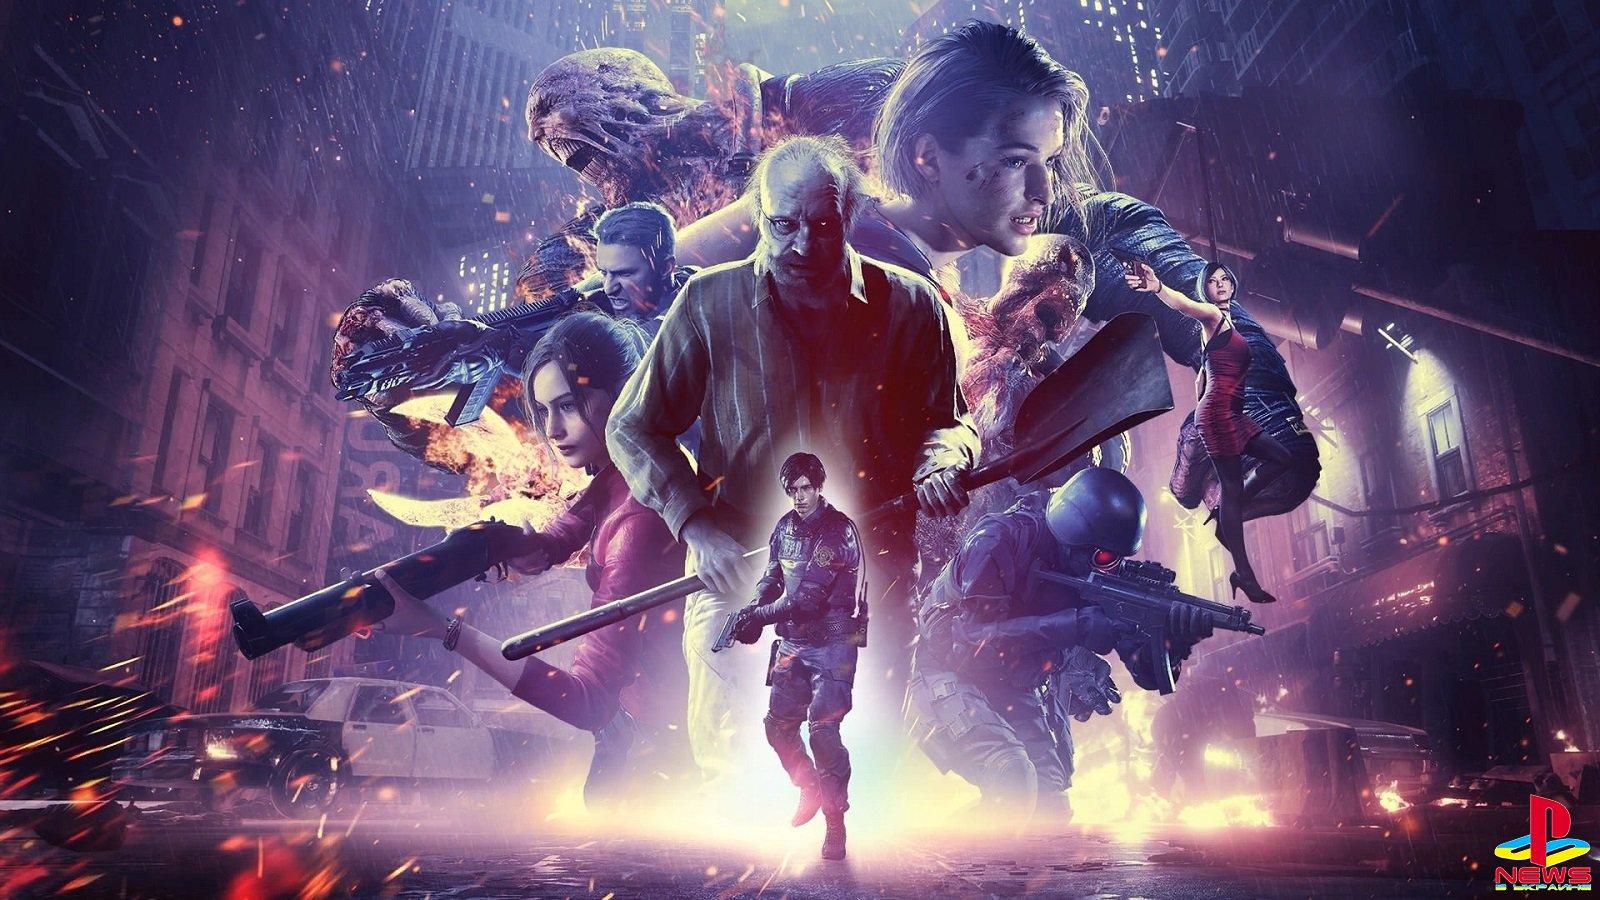 Компания Capcom объявила о переносе релиза мультиплеерной игры Resident Evil Re:Verse